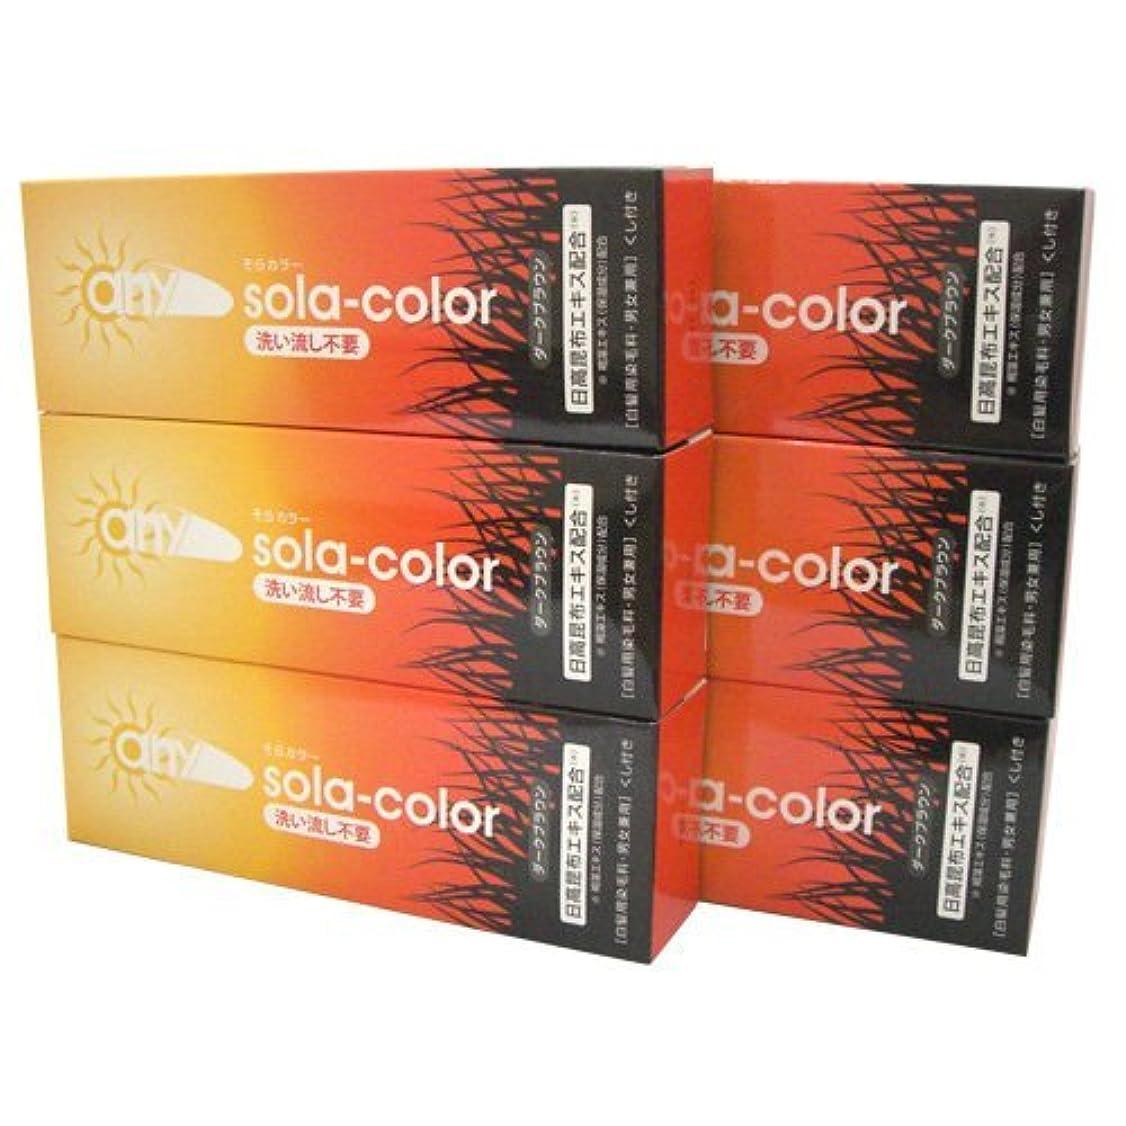 なだめるアナウンサー解明するそらカラー (sola-color) 光ヘアクリーム 80g ダークブラウン x6個セット